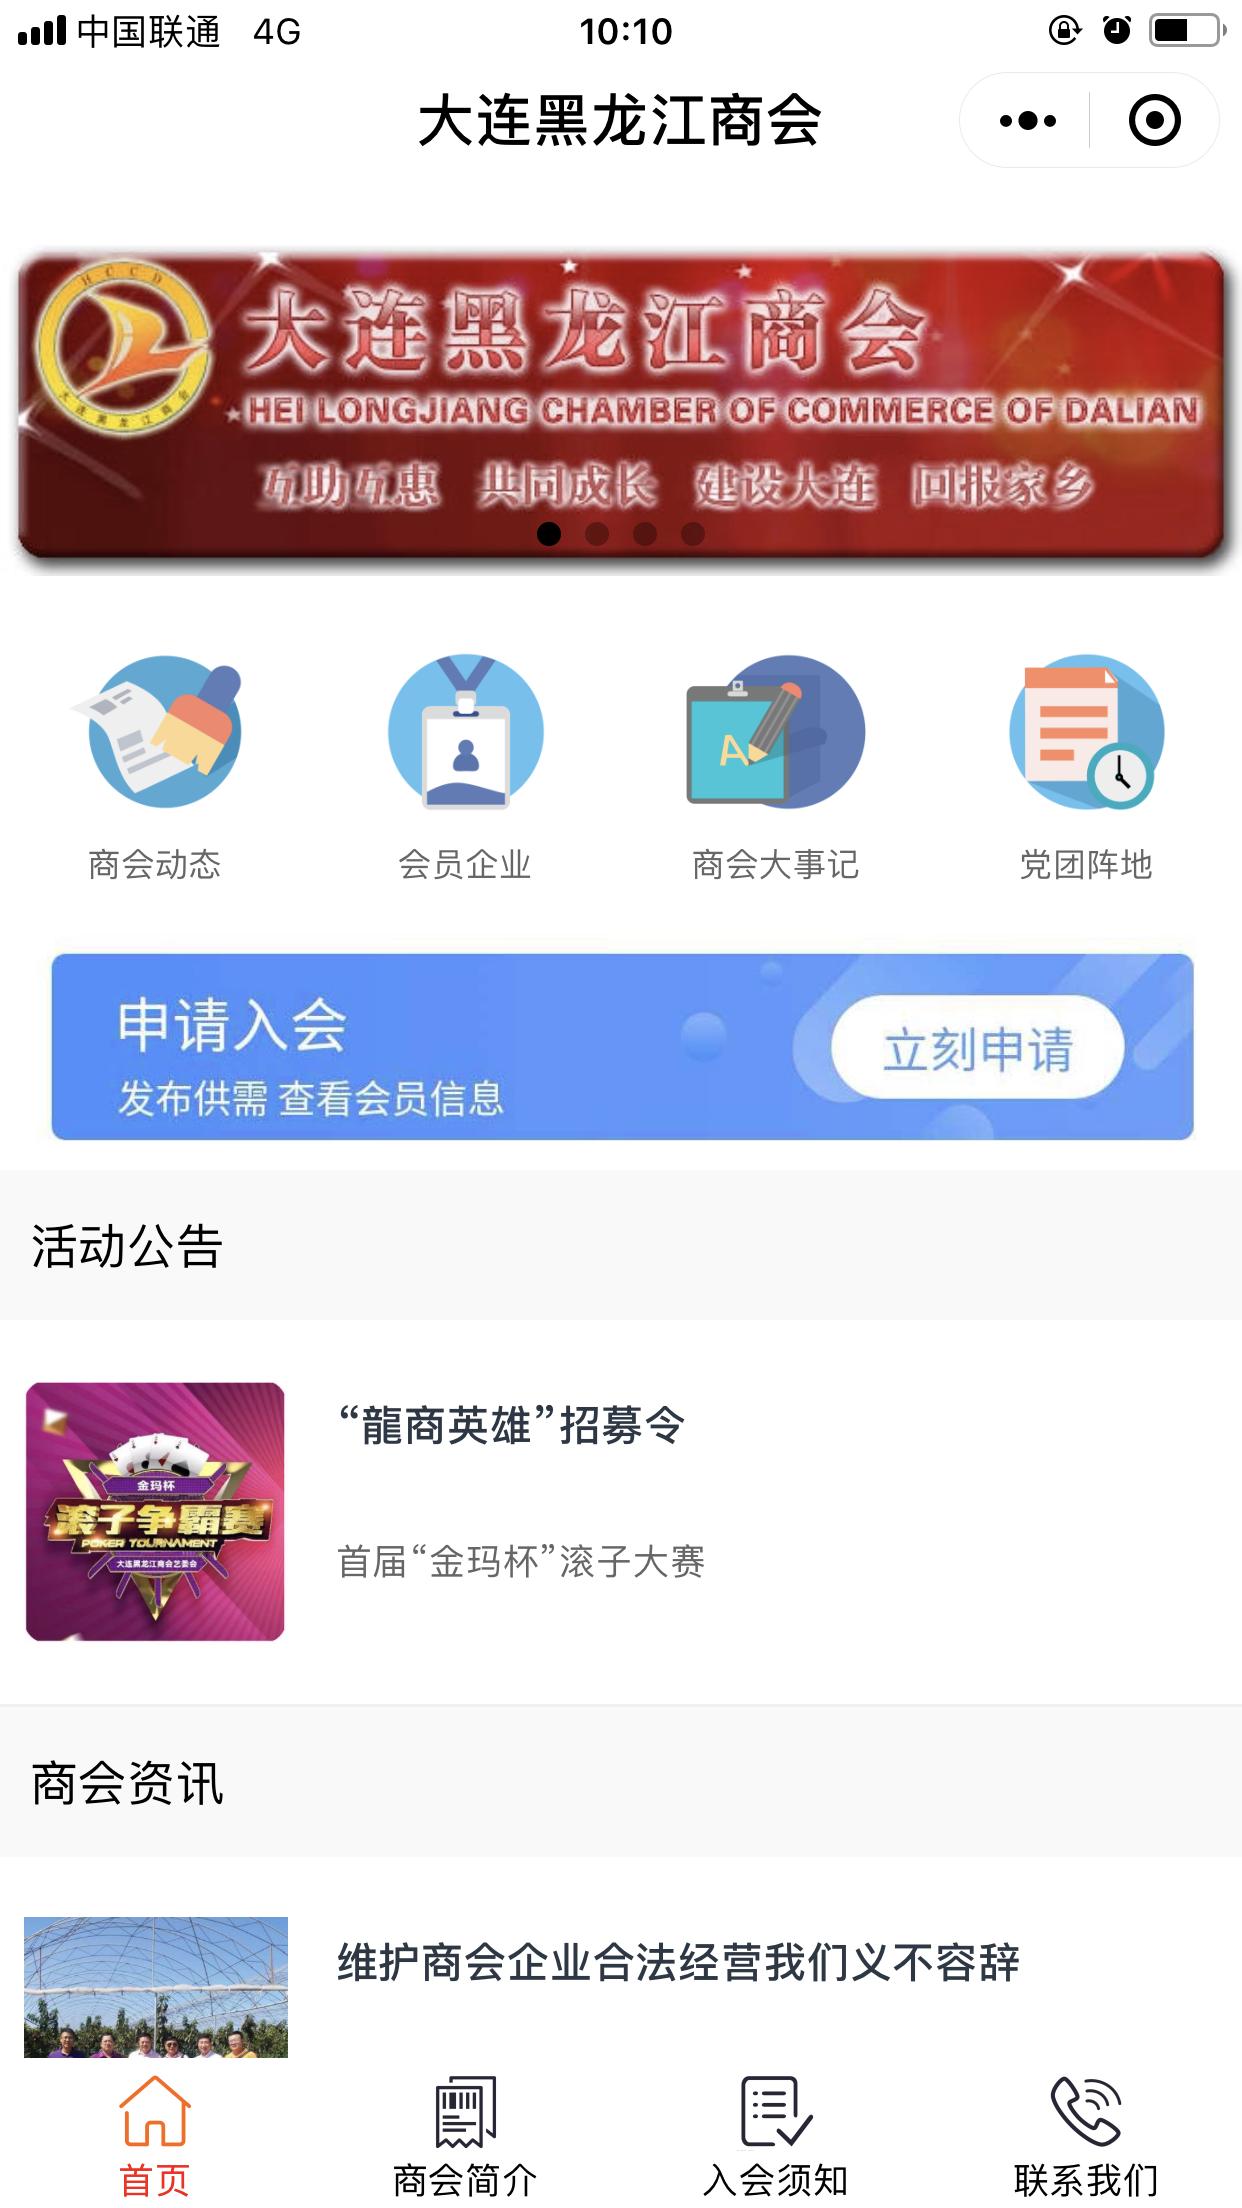 微信大连黑龙江商会小程序